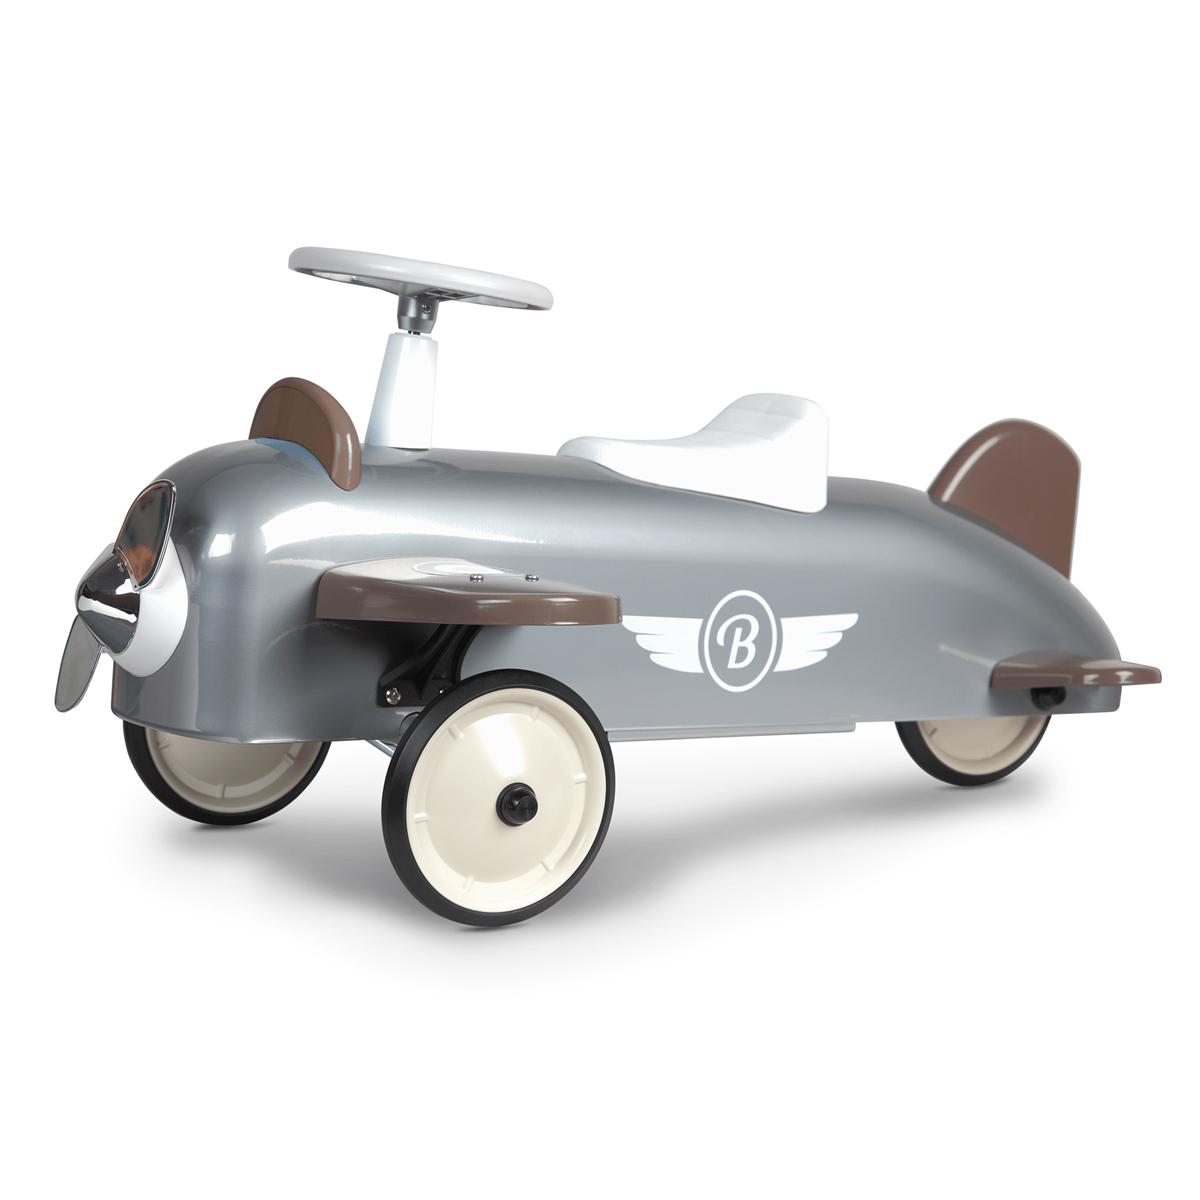 Trotteur & Porteur Porteur Speedster Avion Porteur Speedster Avion